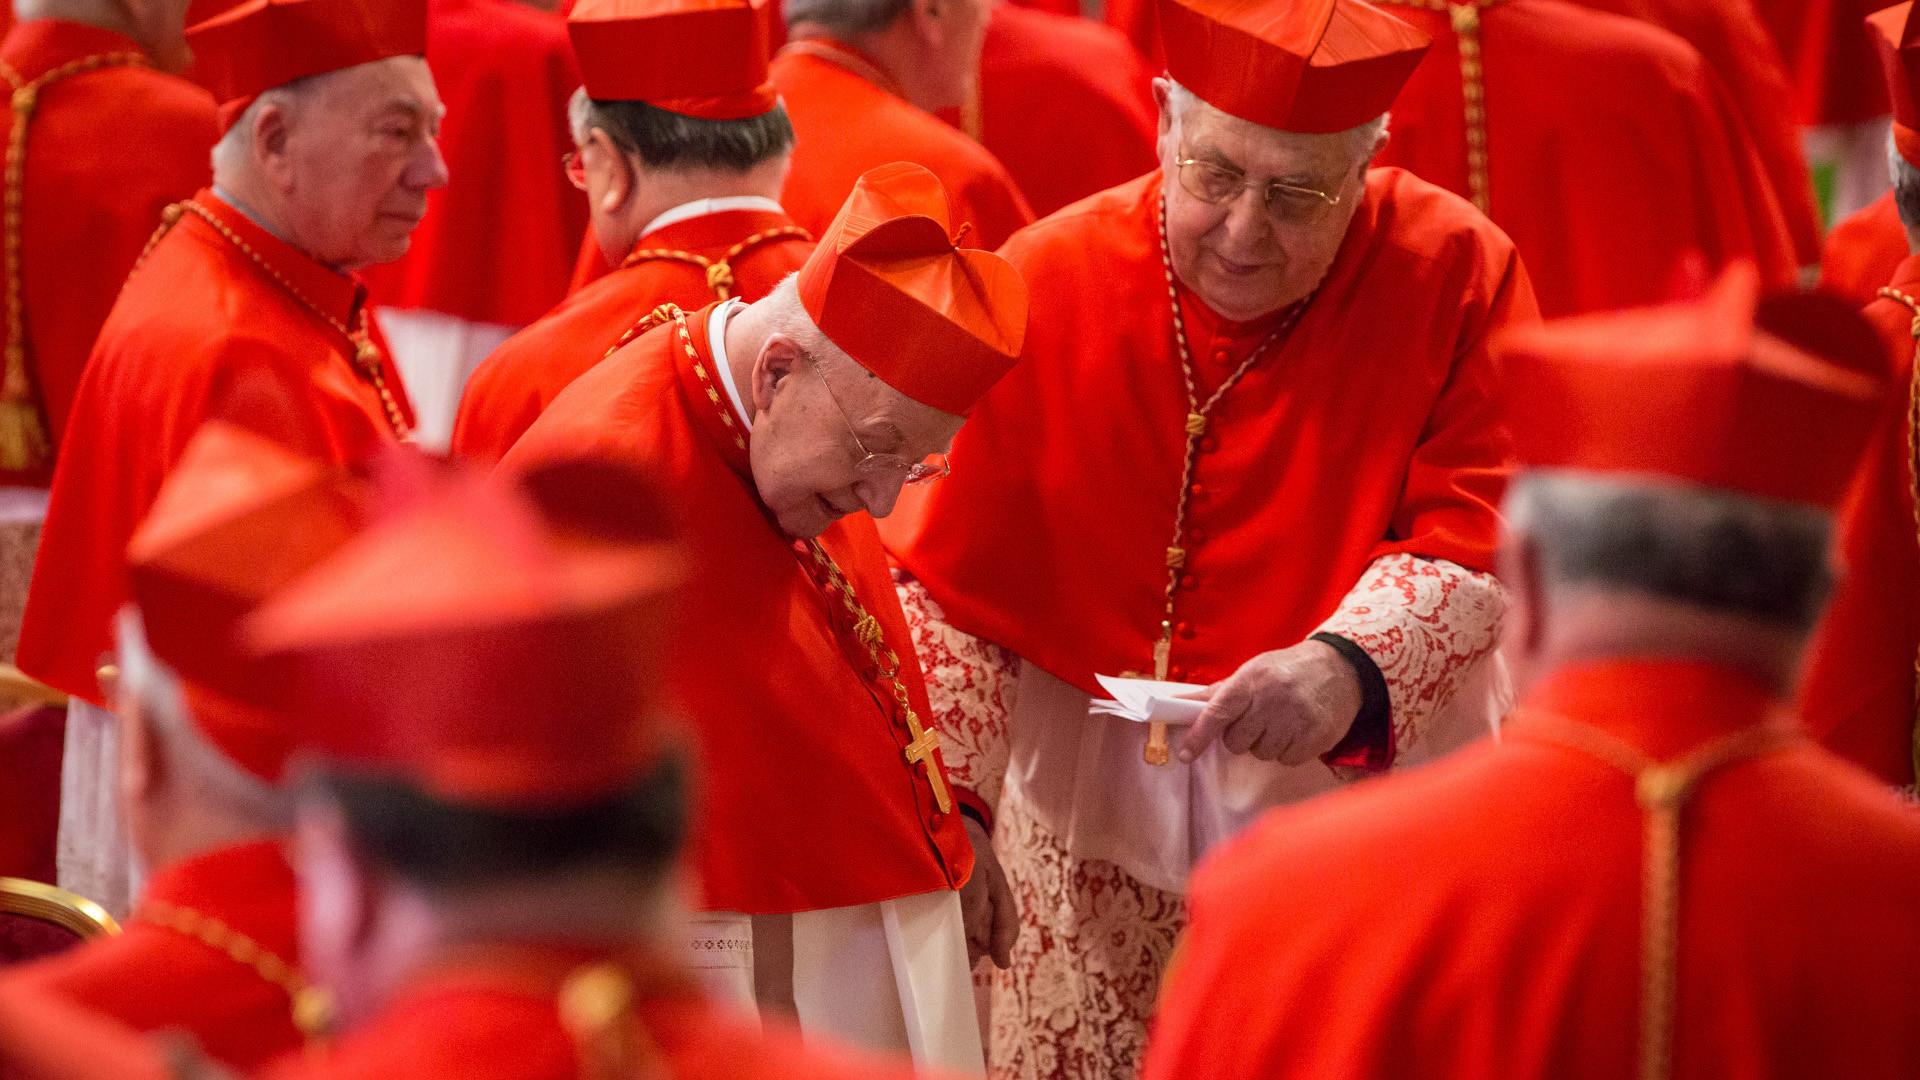 Papst kündigt Ernennung von 14 neuen Kardinälen an